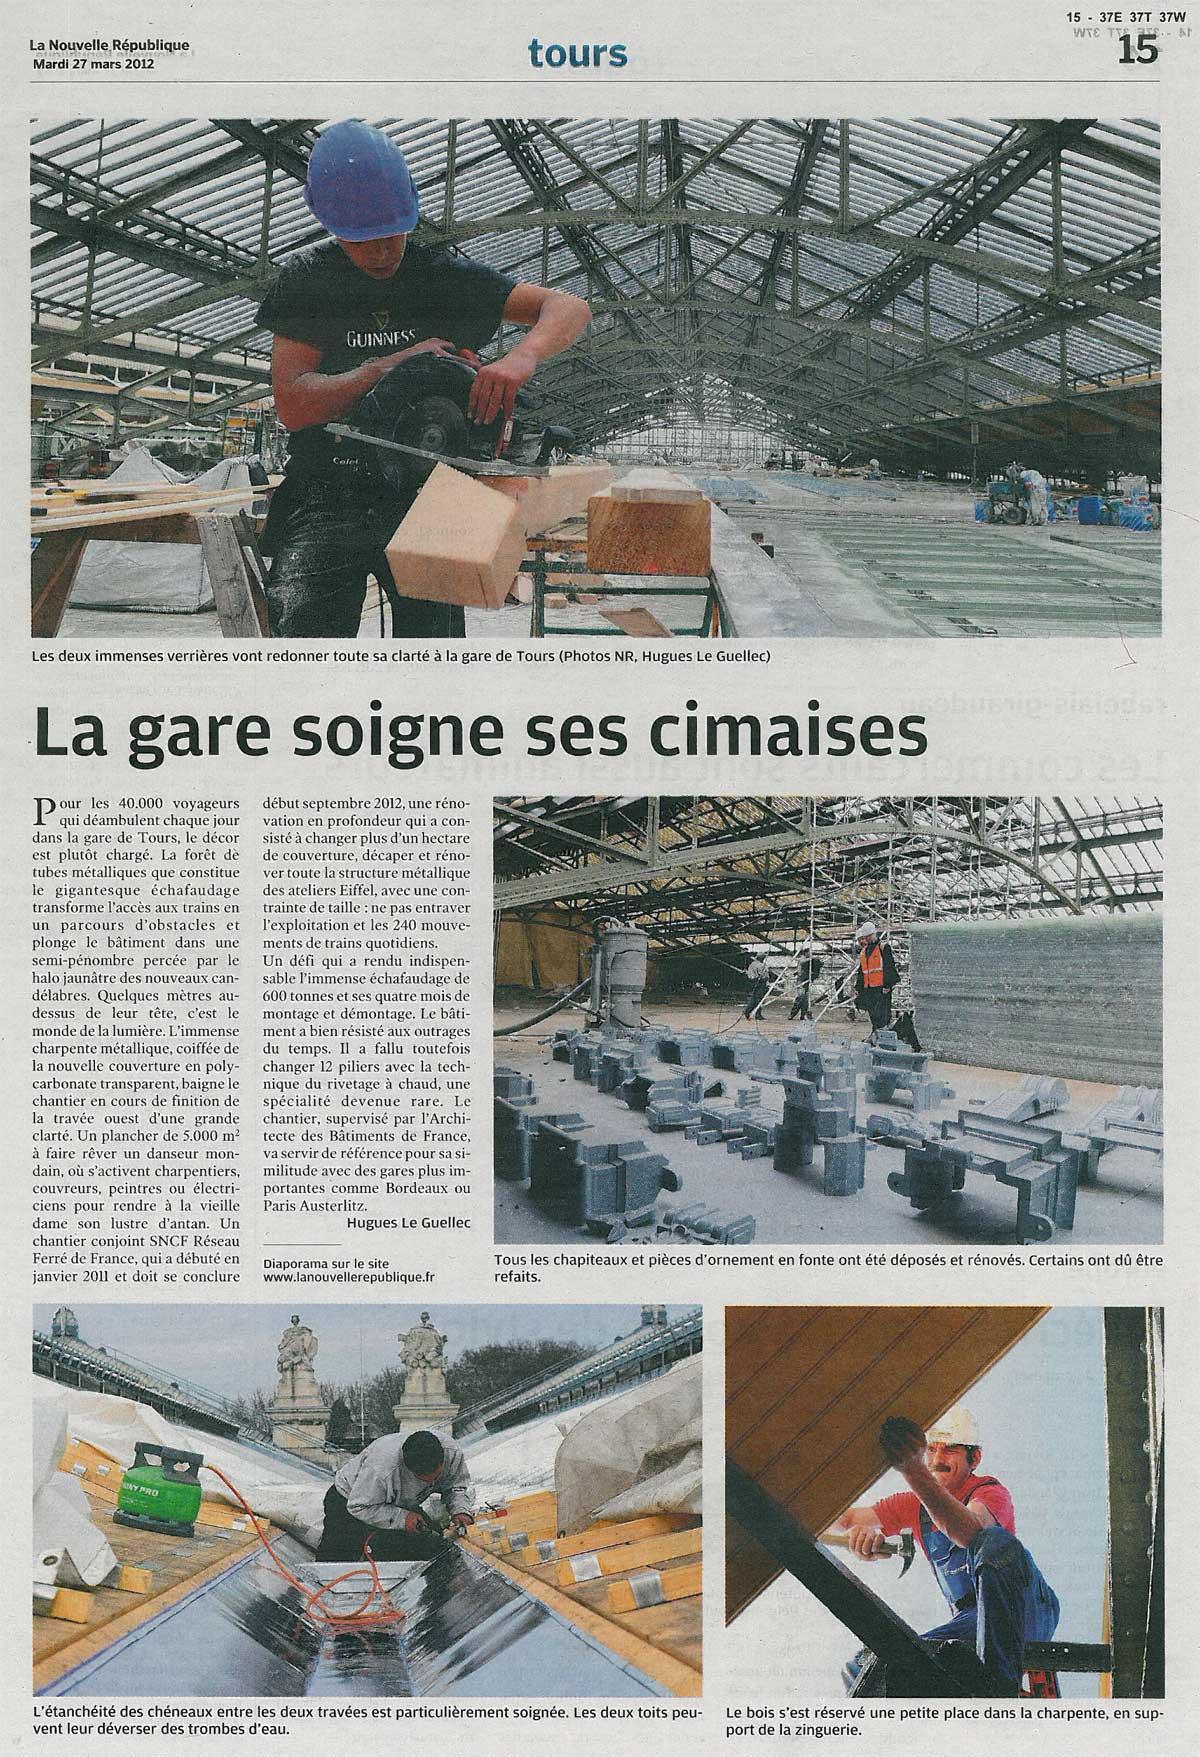 Restauration des lambris et de la couverture zinc de la gare de tours (37) - Sarl Merlot - Richelieu (37)